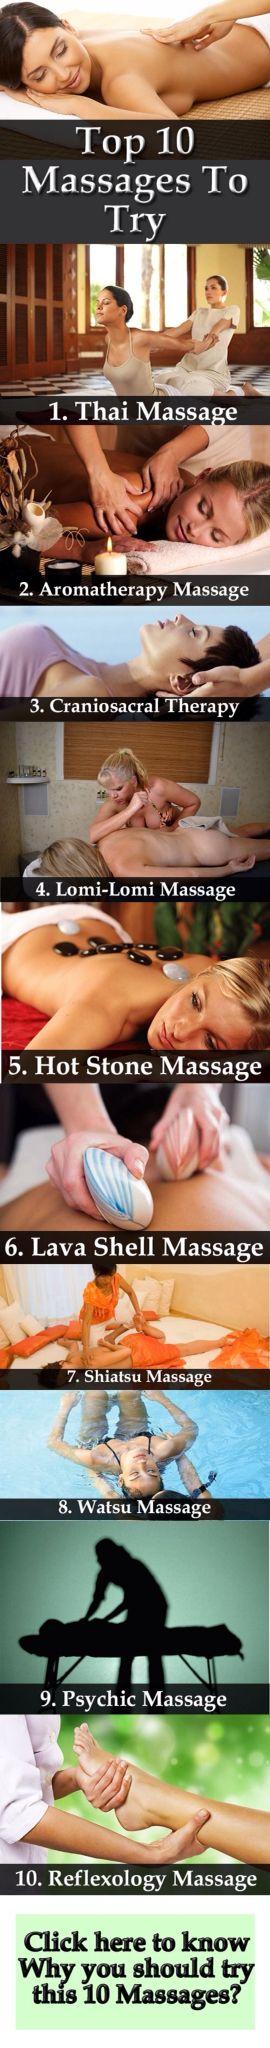 """Bardzo fajne uszeregowanie rodzajów masażu od """"najlepszego"""" po """"najmniej"""" stosowany. Naszym zdaniem masaż tajski jest jednym z najlepszych. Można go z powodzeniem łączyć z masażami klasycznymi w różnej formie."""